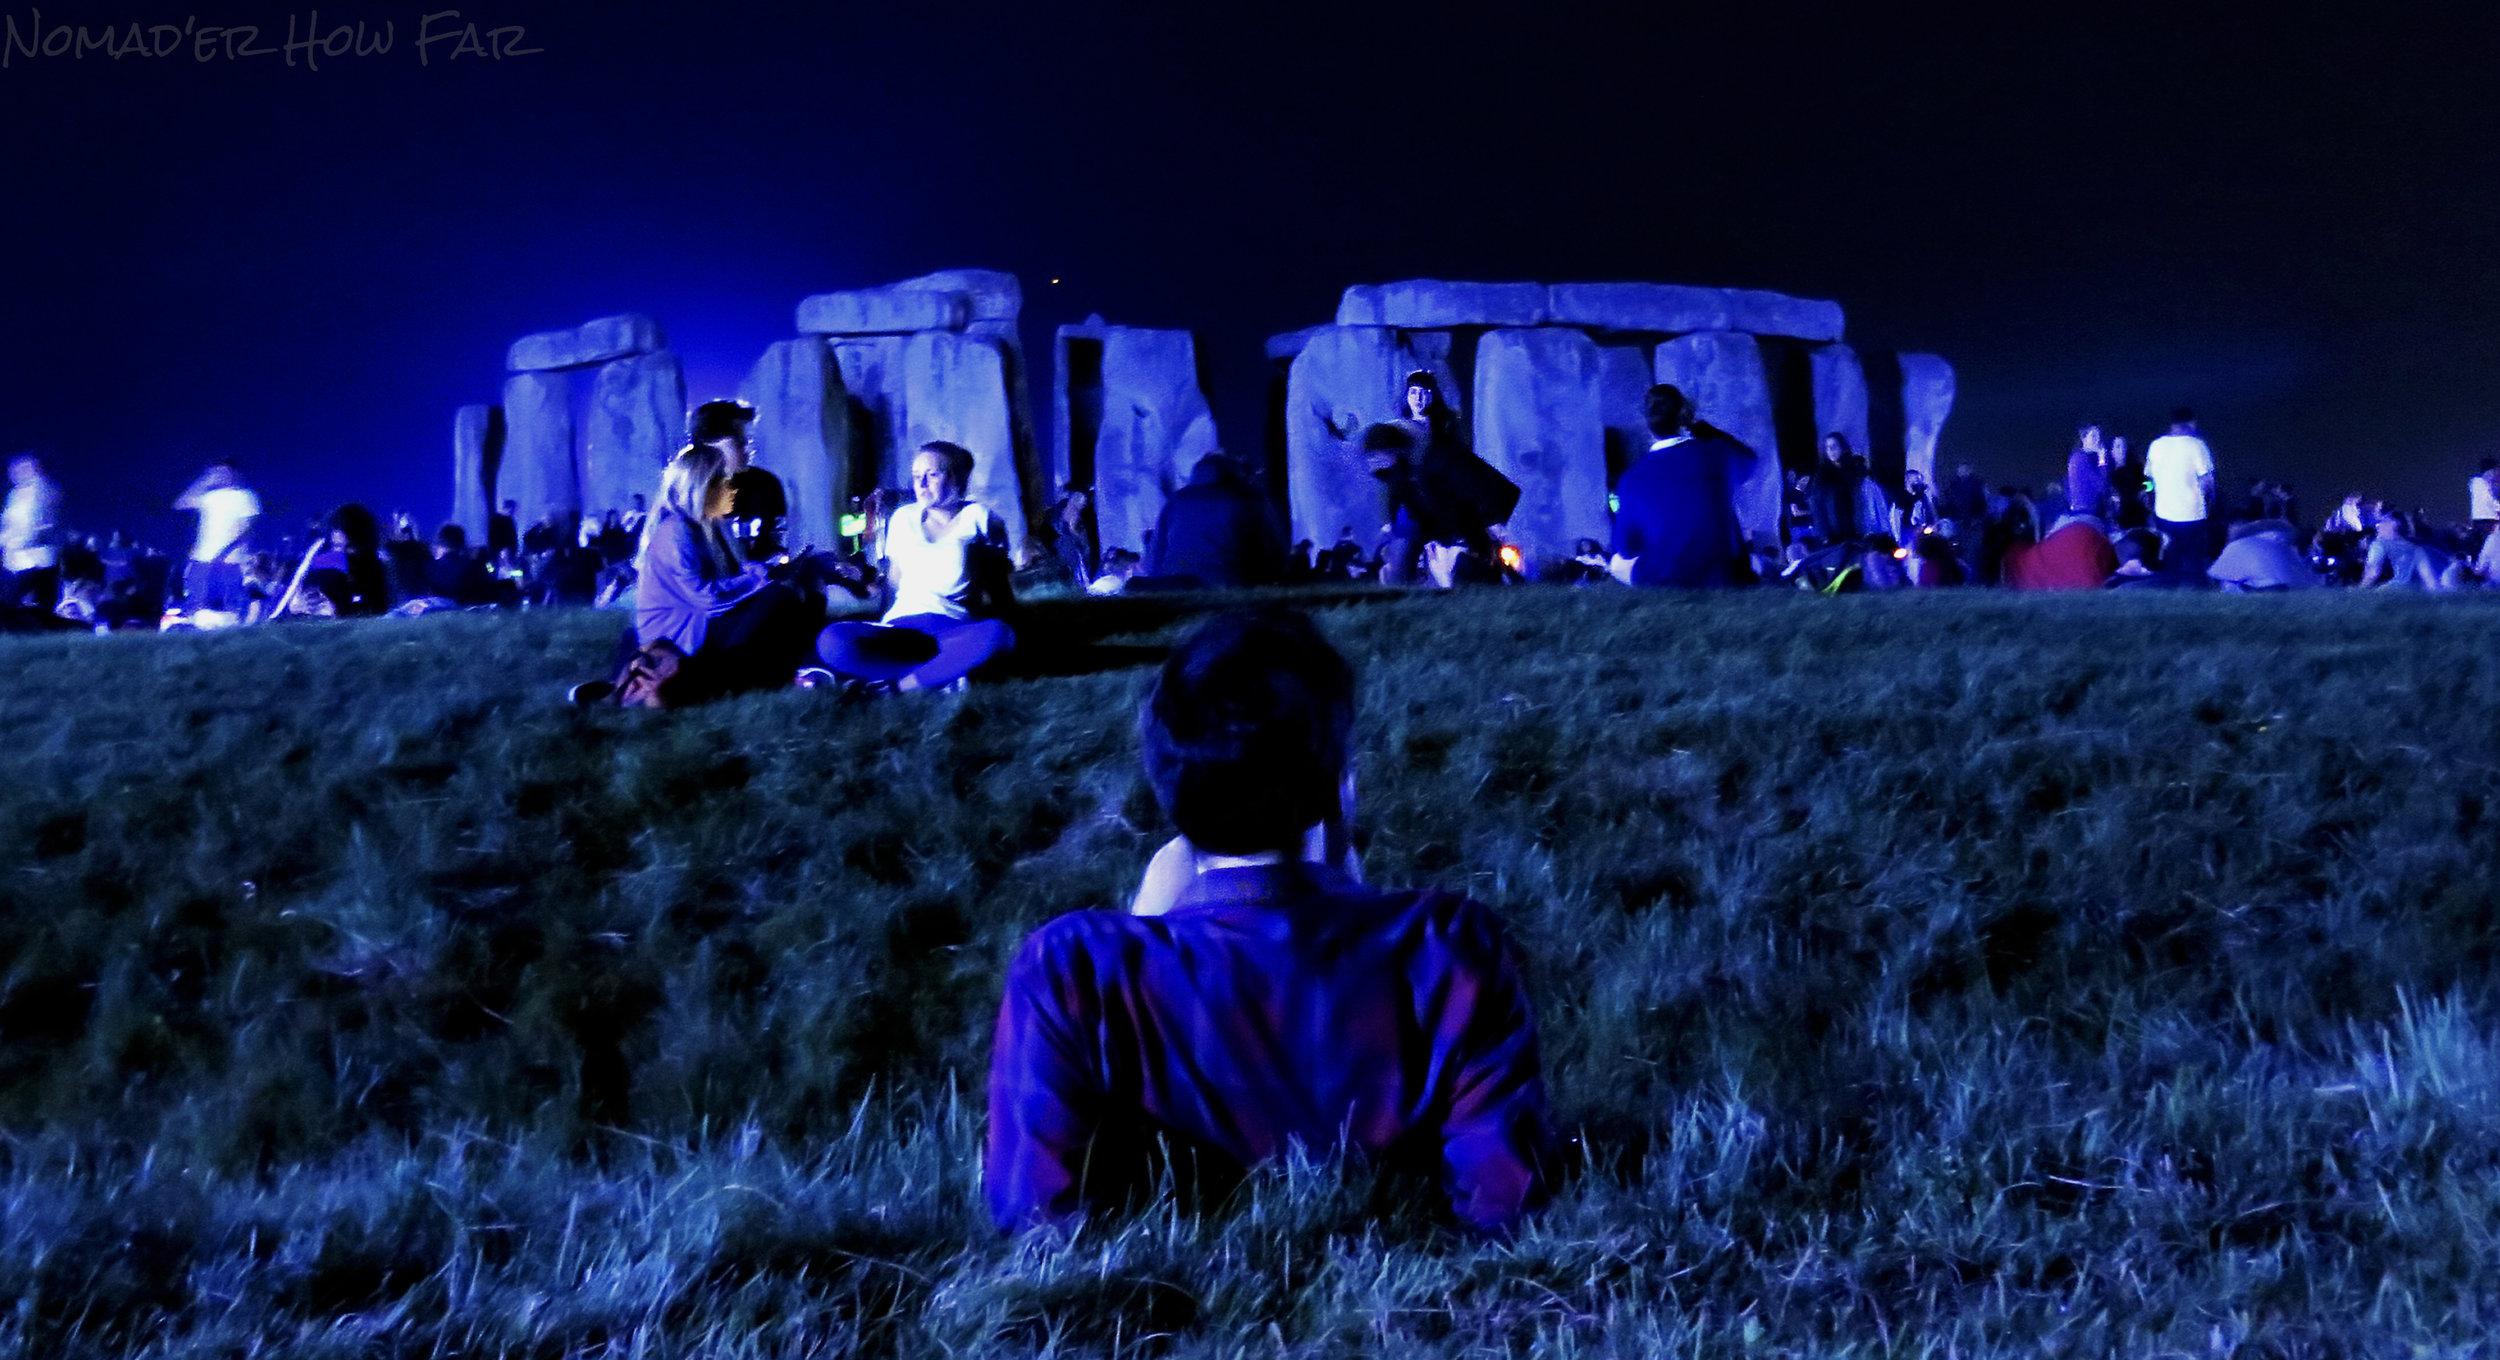 stone henge night